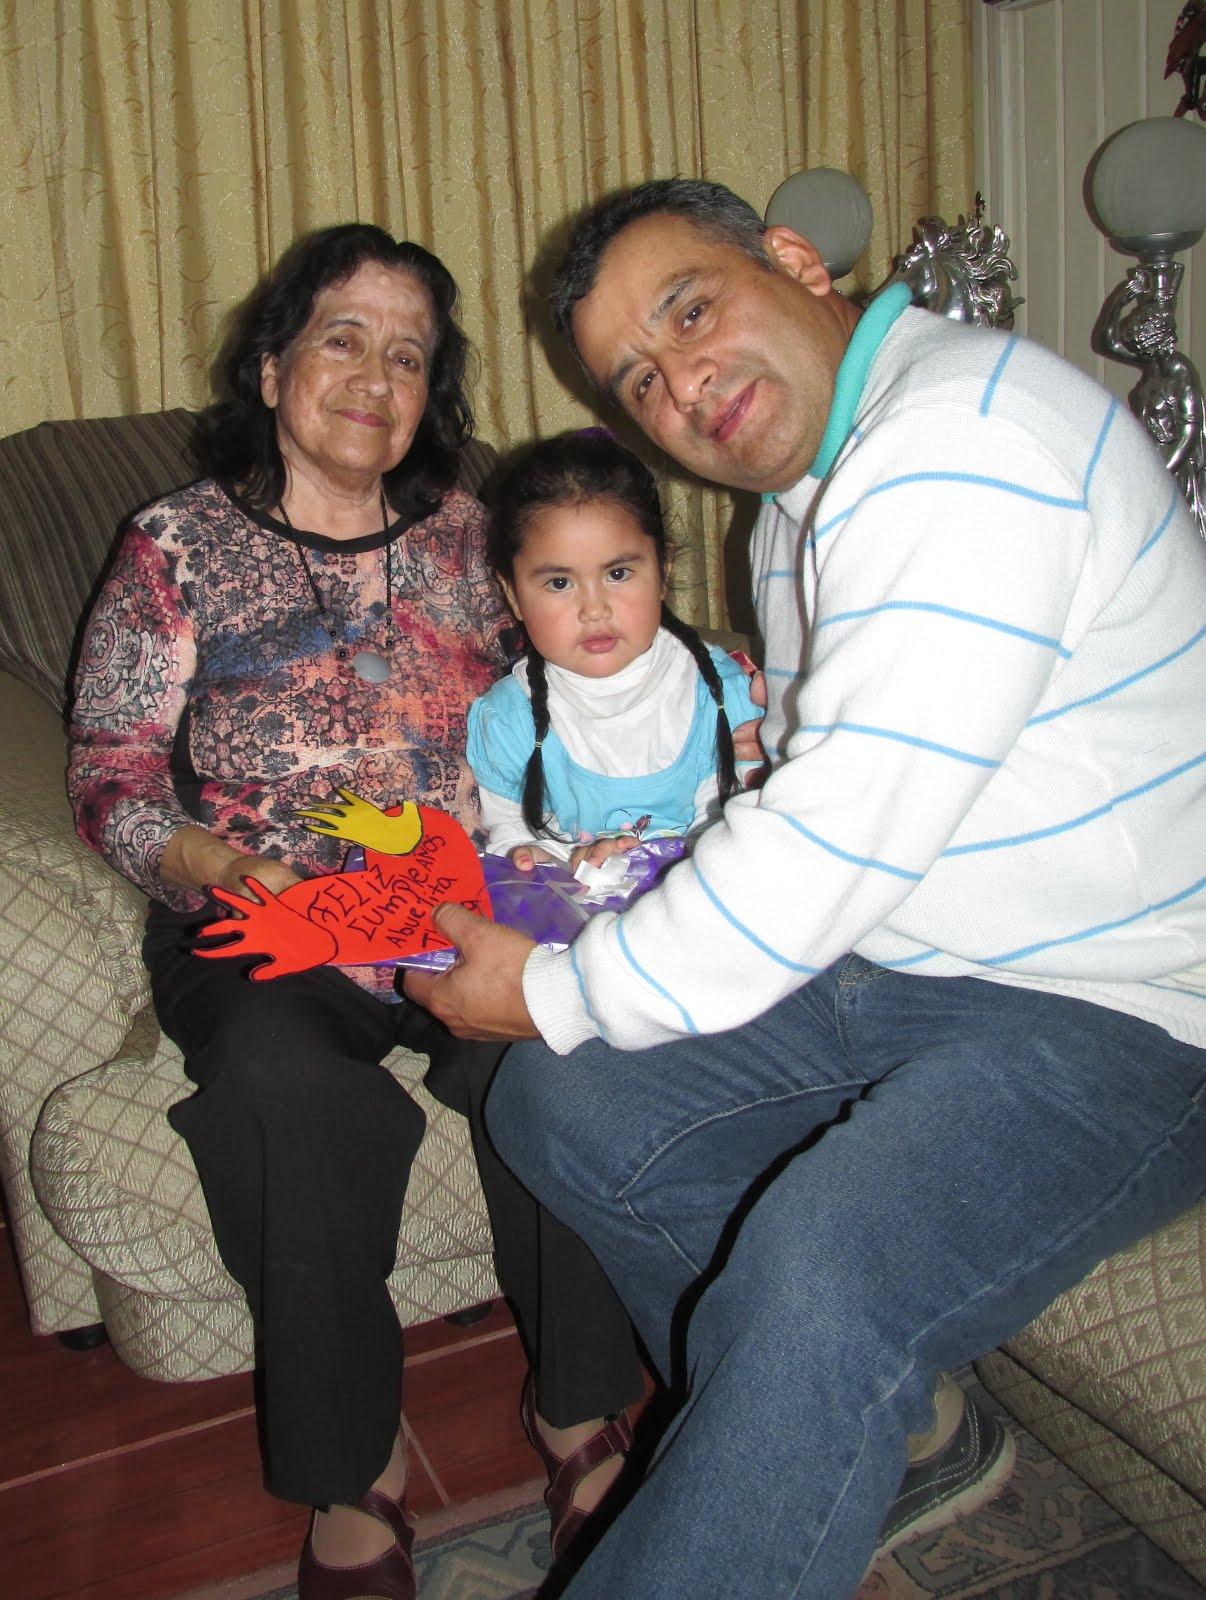 Thala Evelina con nieta Yanka e hijo Luis con motivo de su cumpleaños - abril 2016